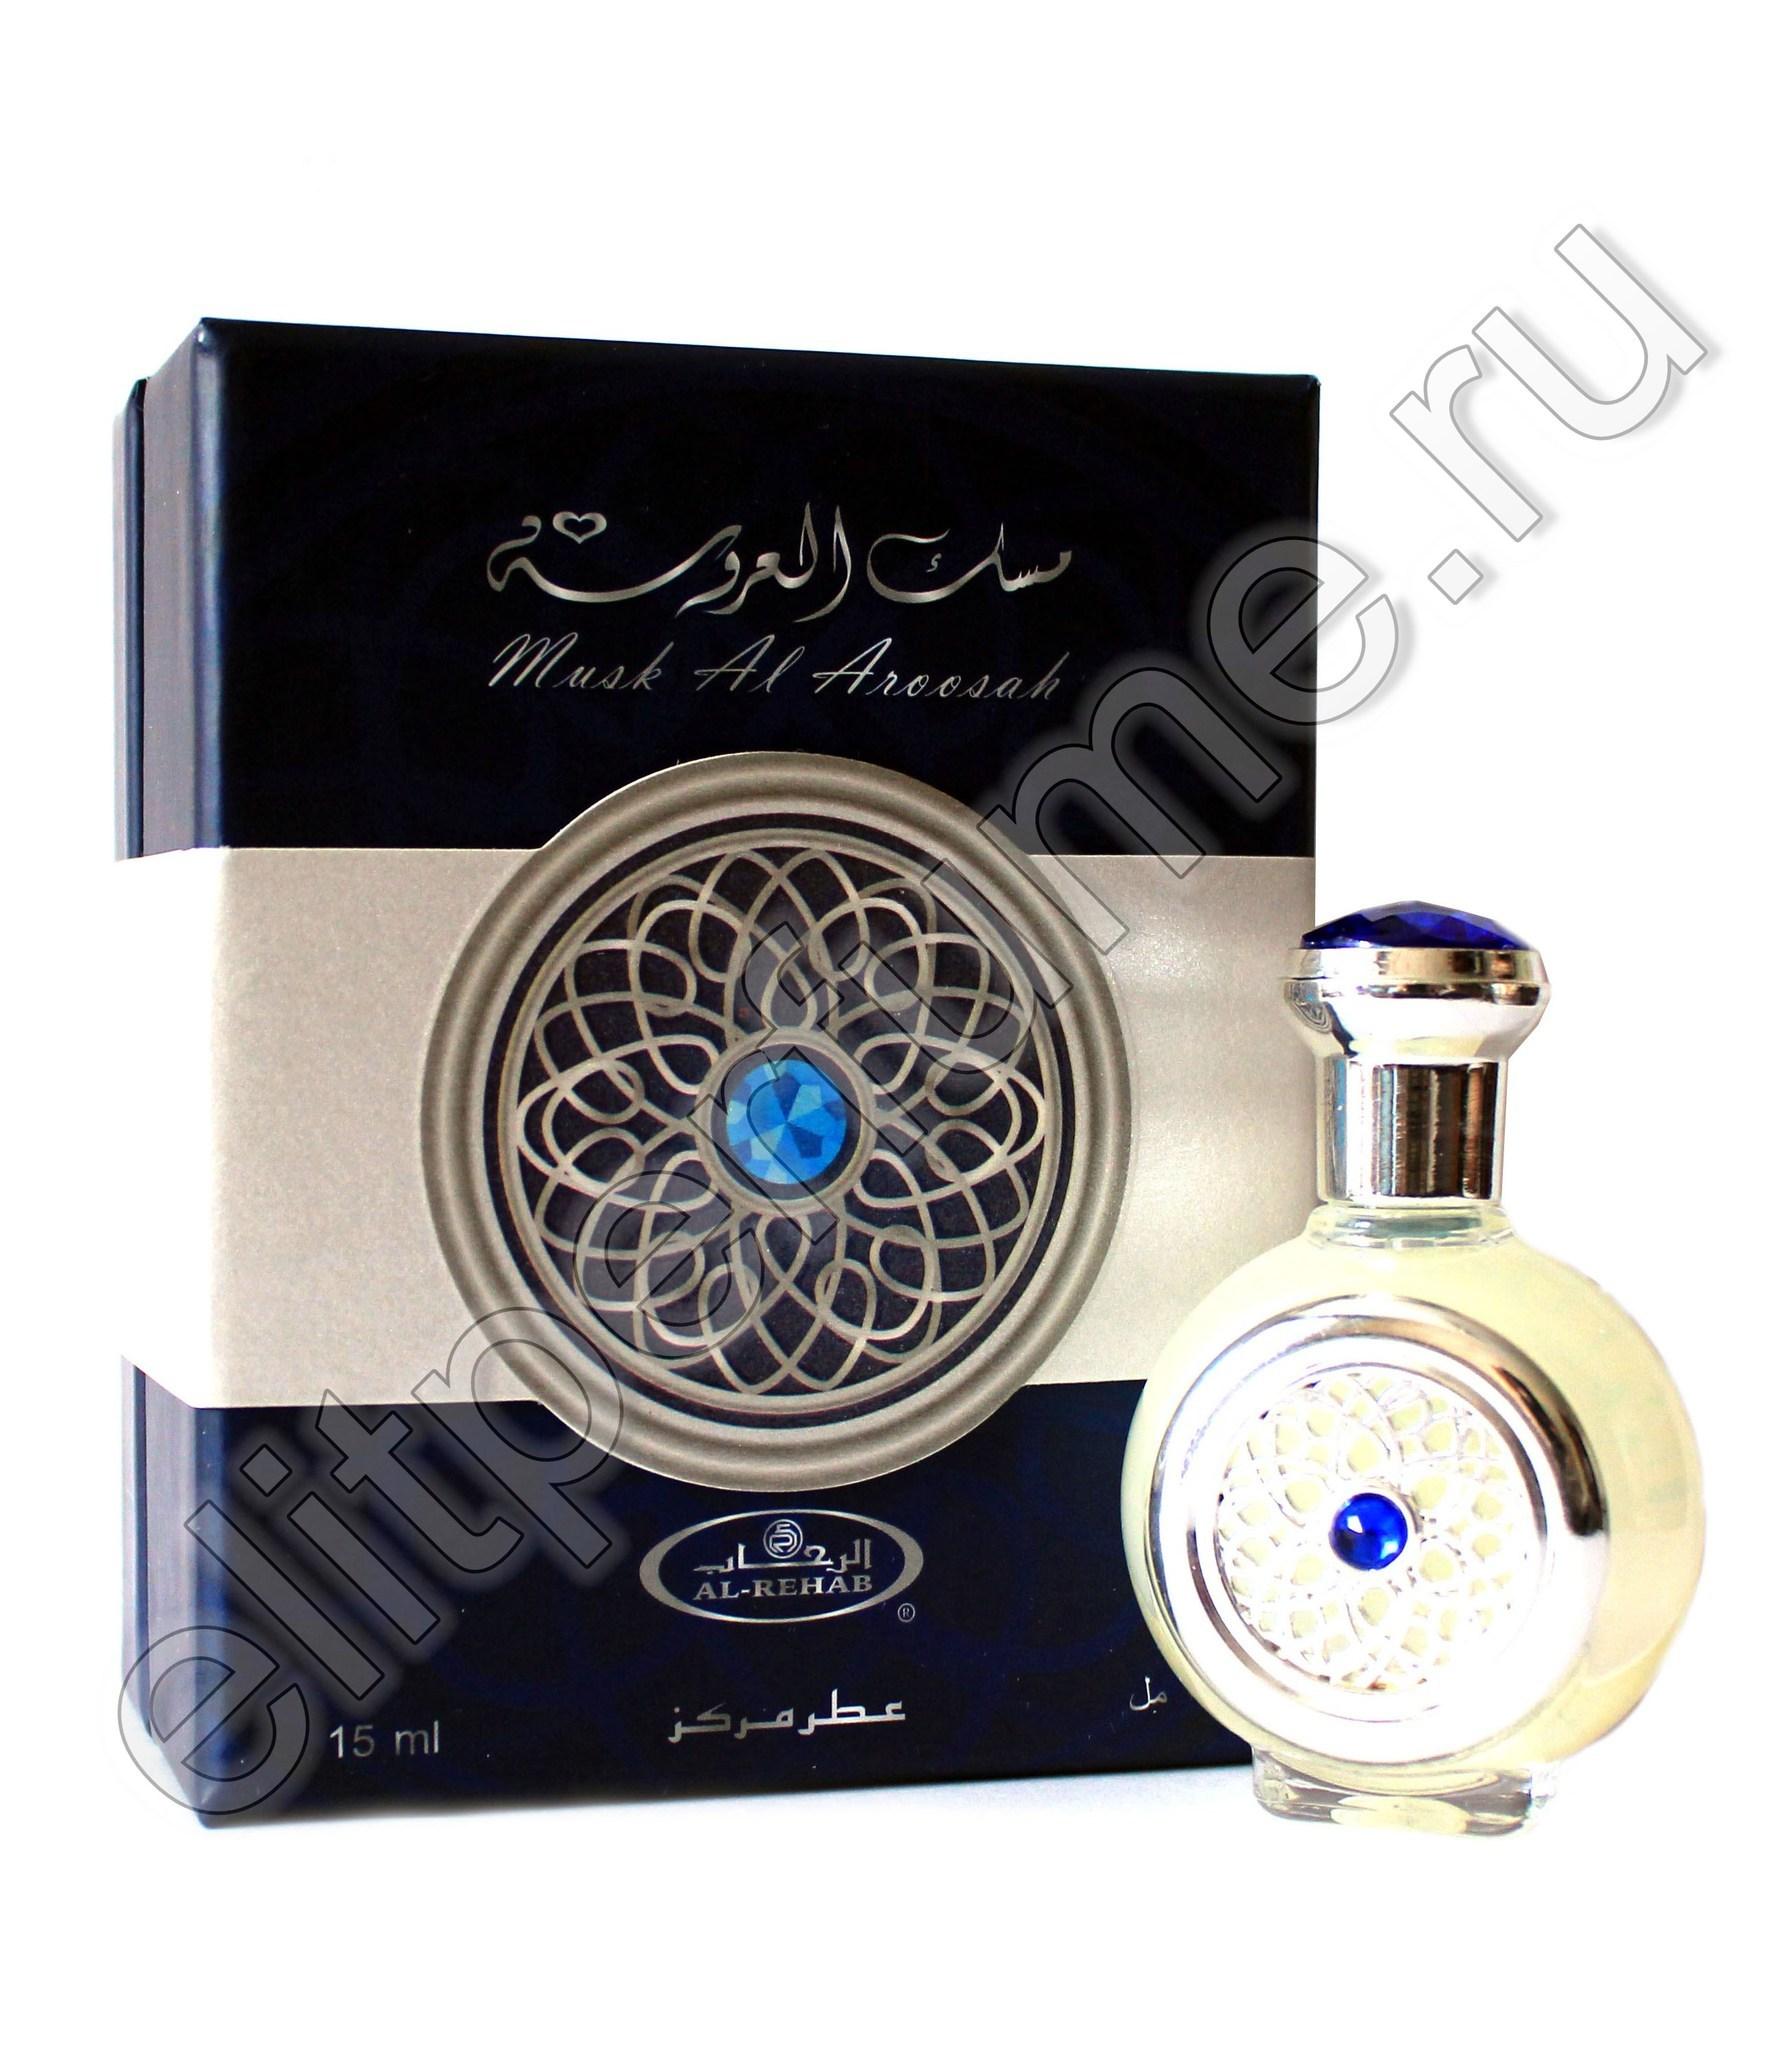 Пробник для Musk Al Aroosa 1 мл арабские масляные духи от Аль Рехаб Al Rehab